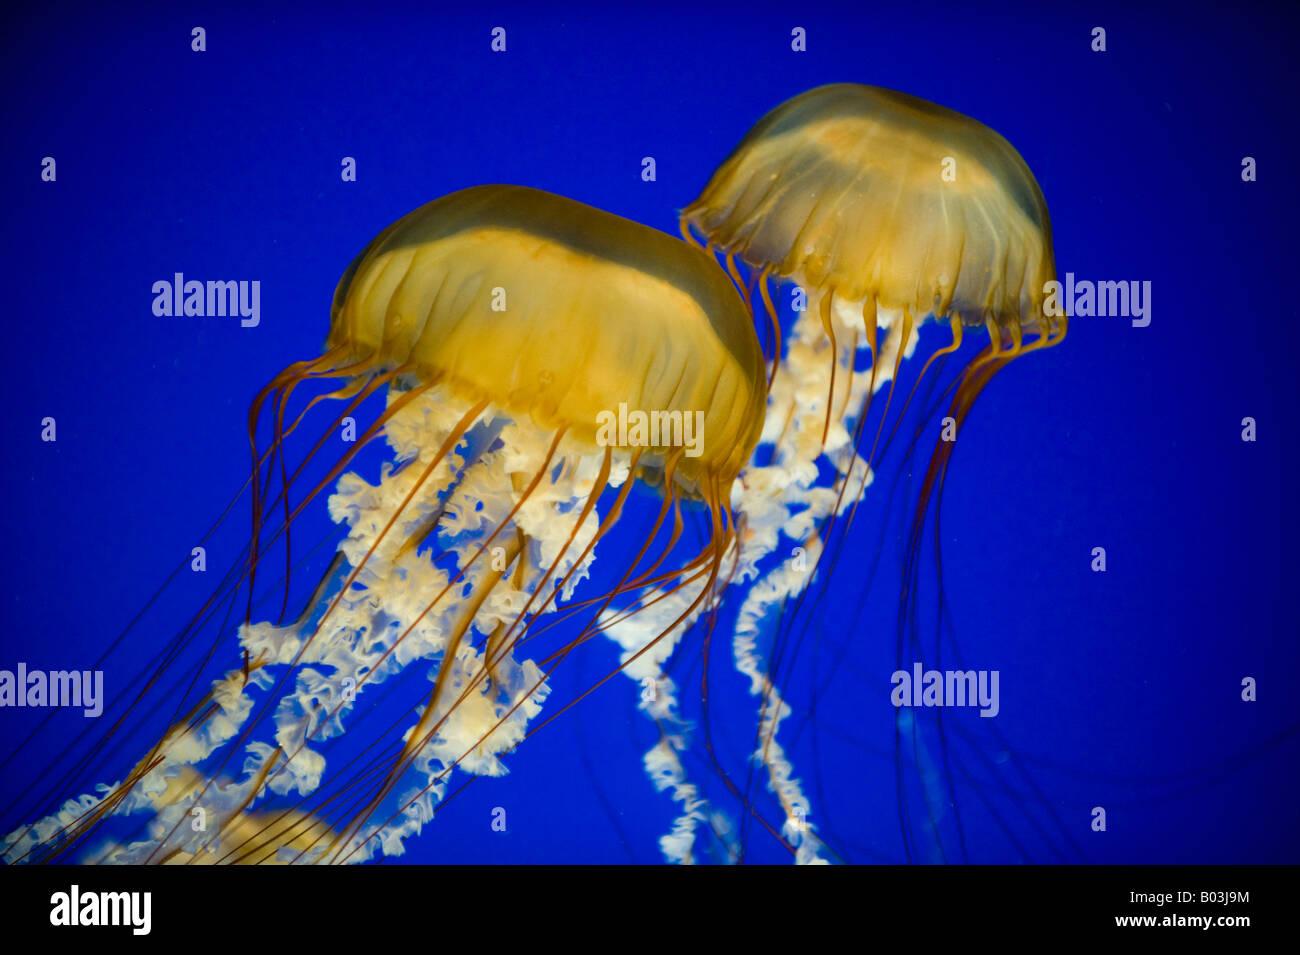 Pazifischen Meer Nesseln (Chrysaora Fuscescens) Oregon Coast Aquarium, Newport, OREGON Stockbild